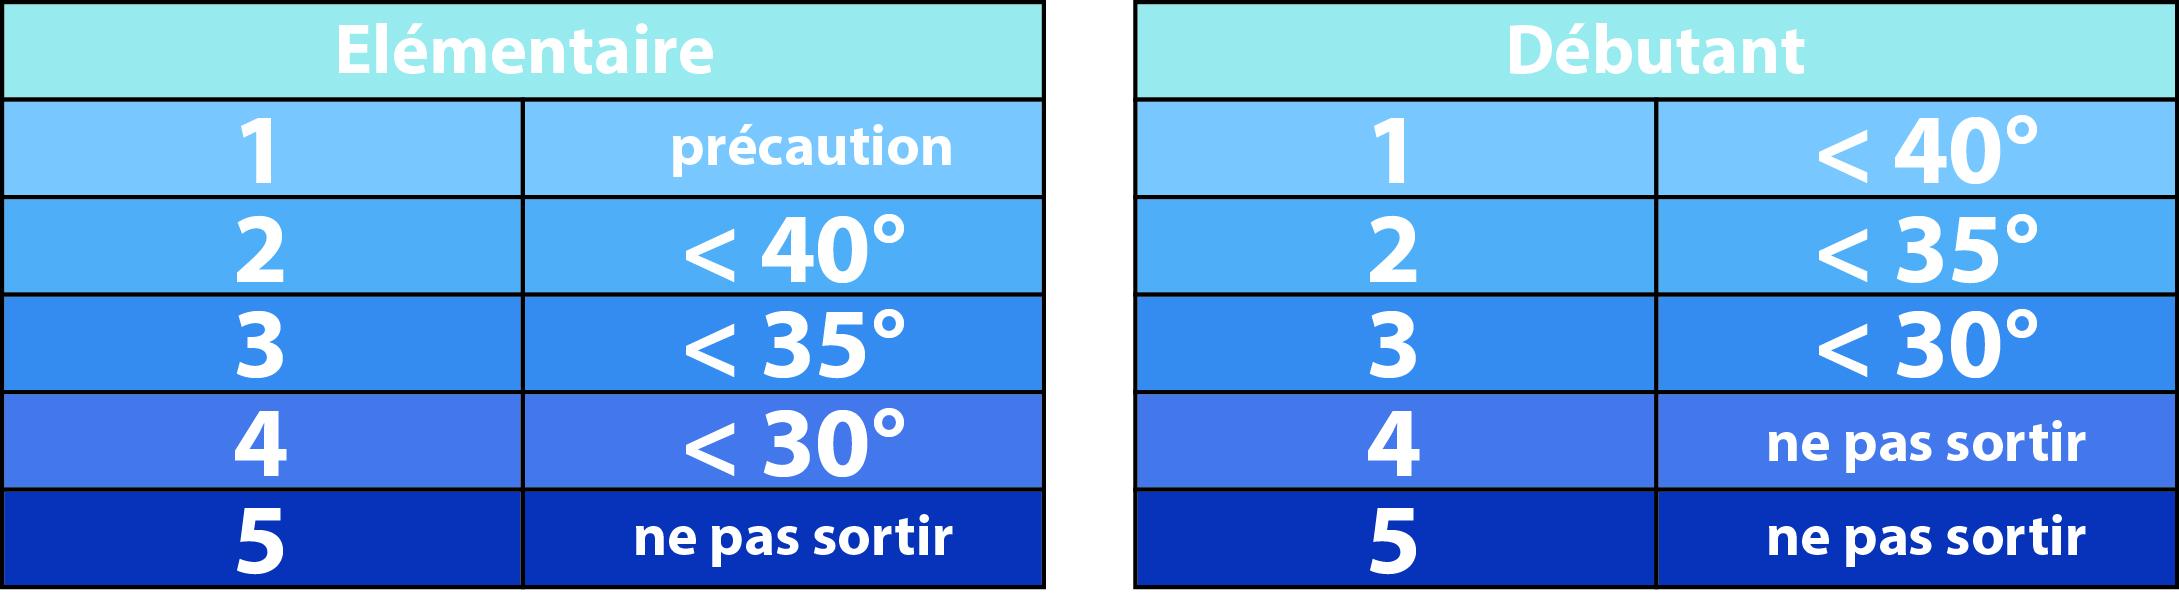 Méthode de réduction élementaire pour estimation du risque avalanche